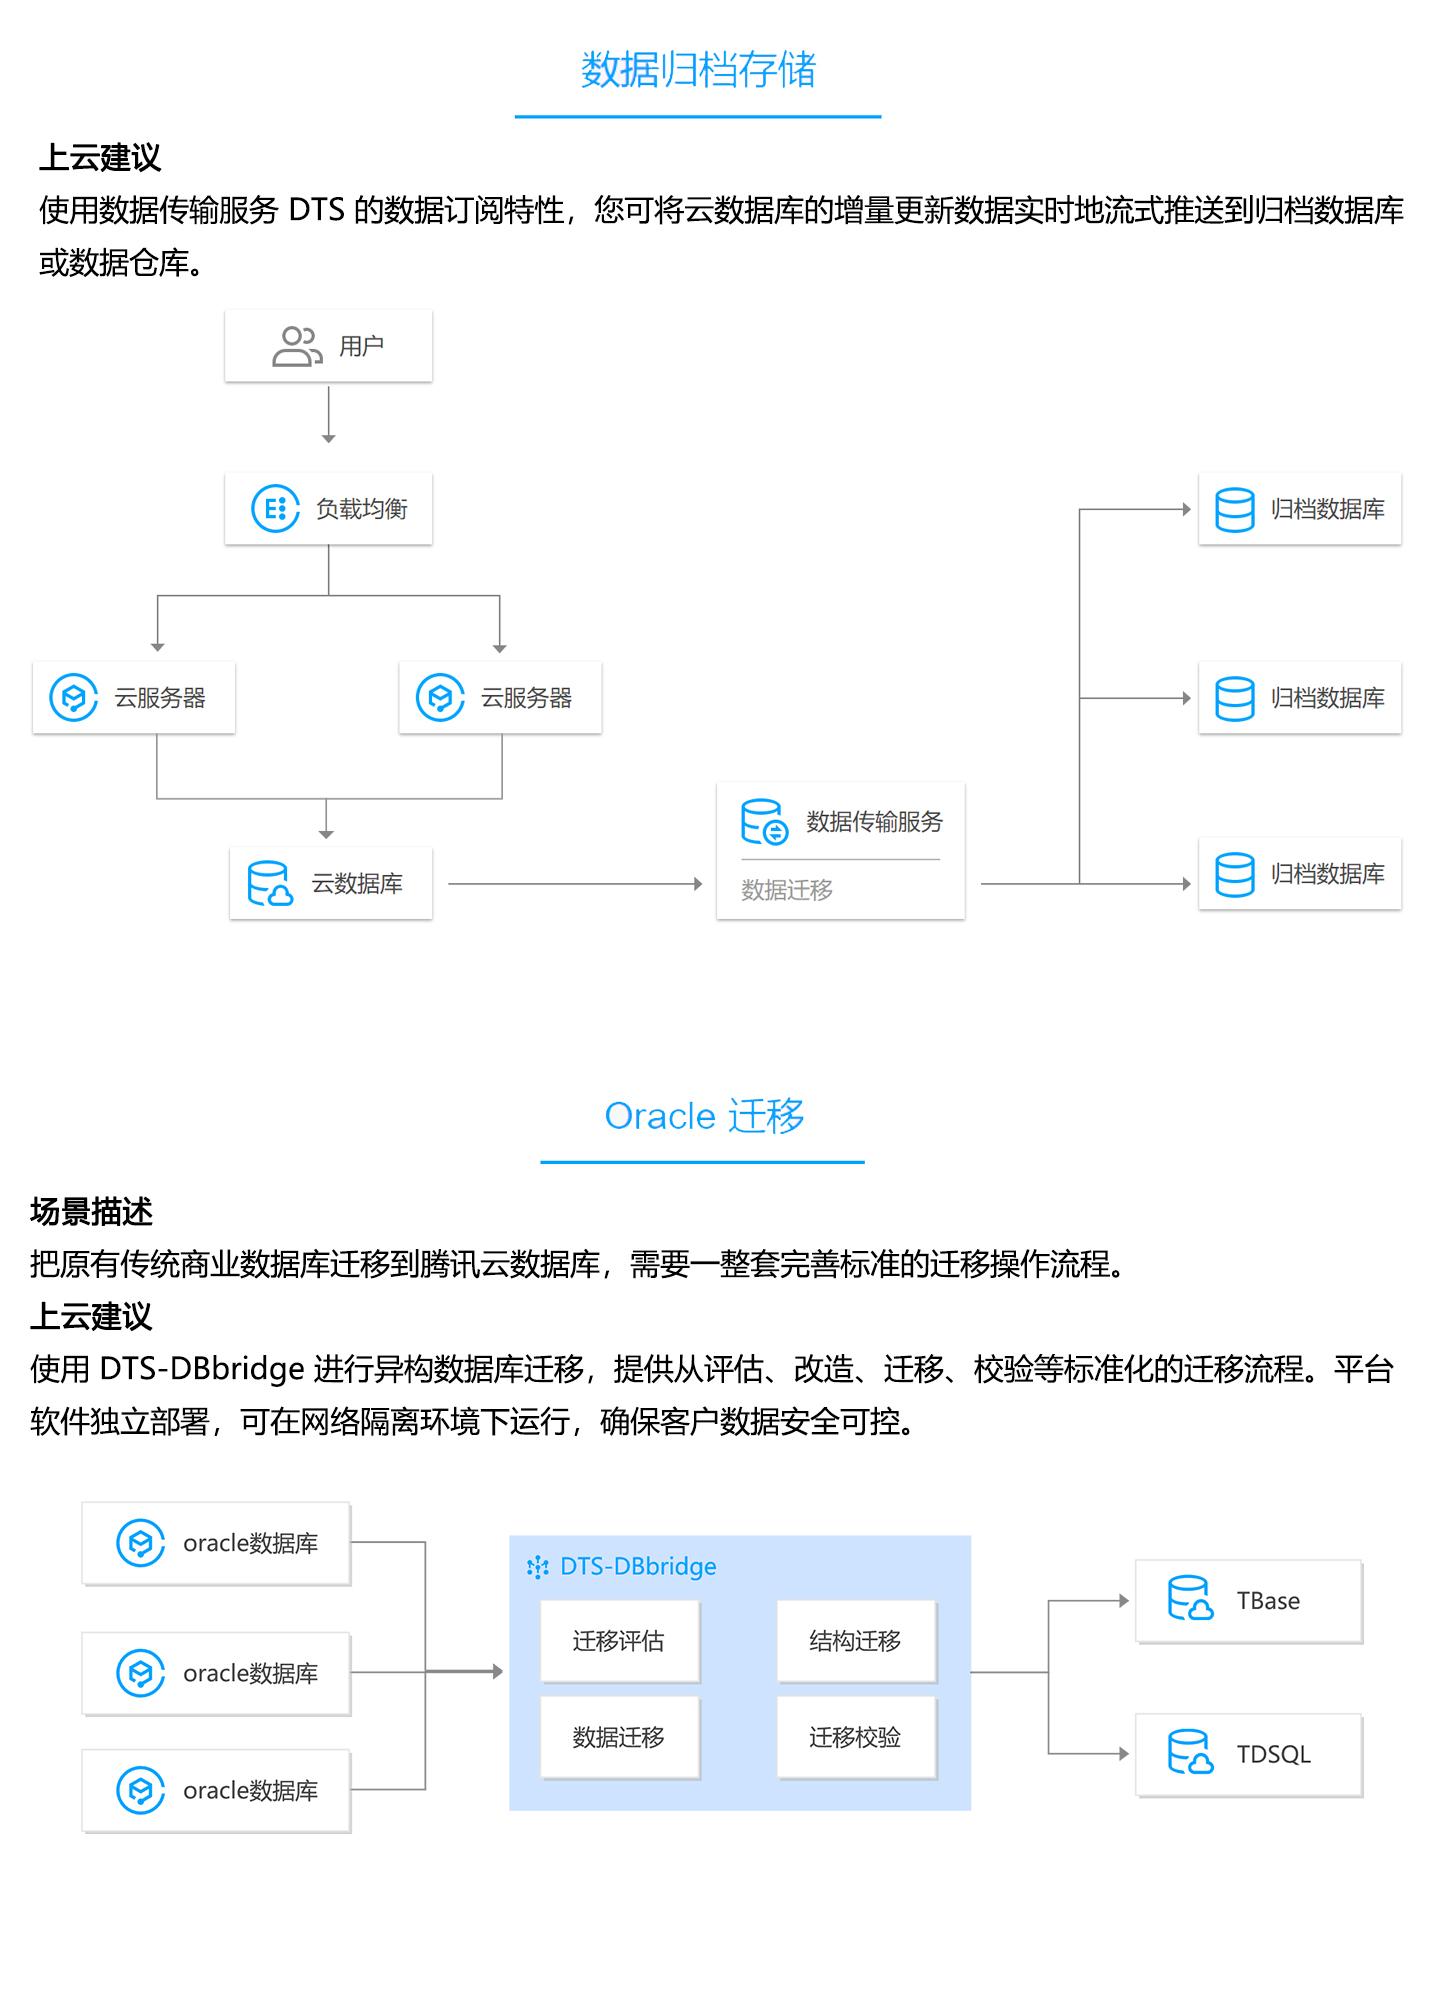 数据传输服务-DTS-1440_05.jpg